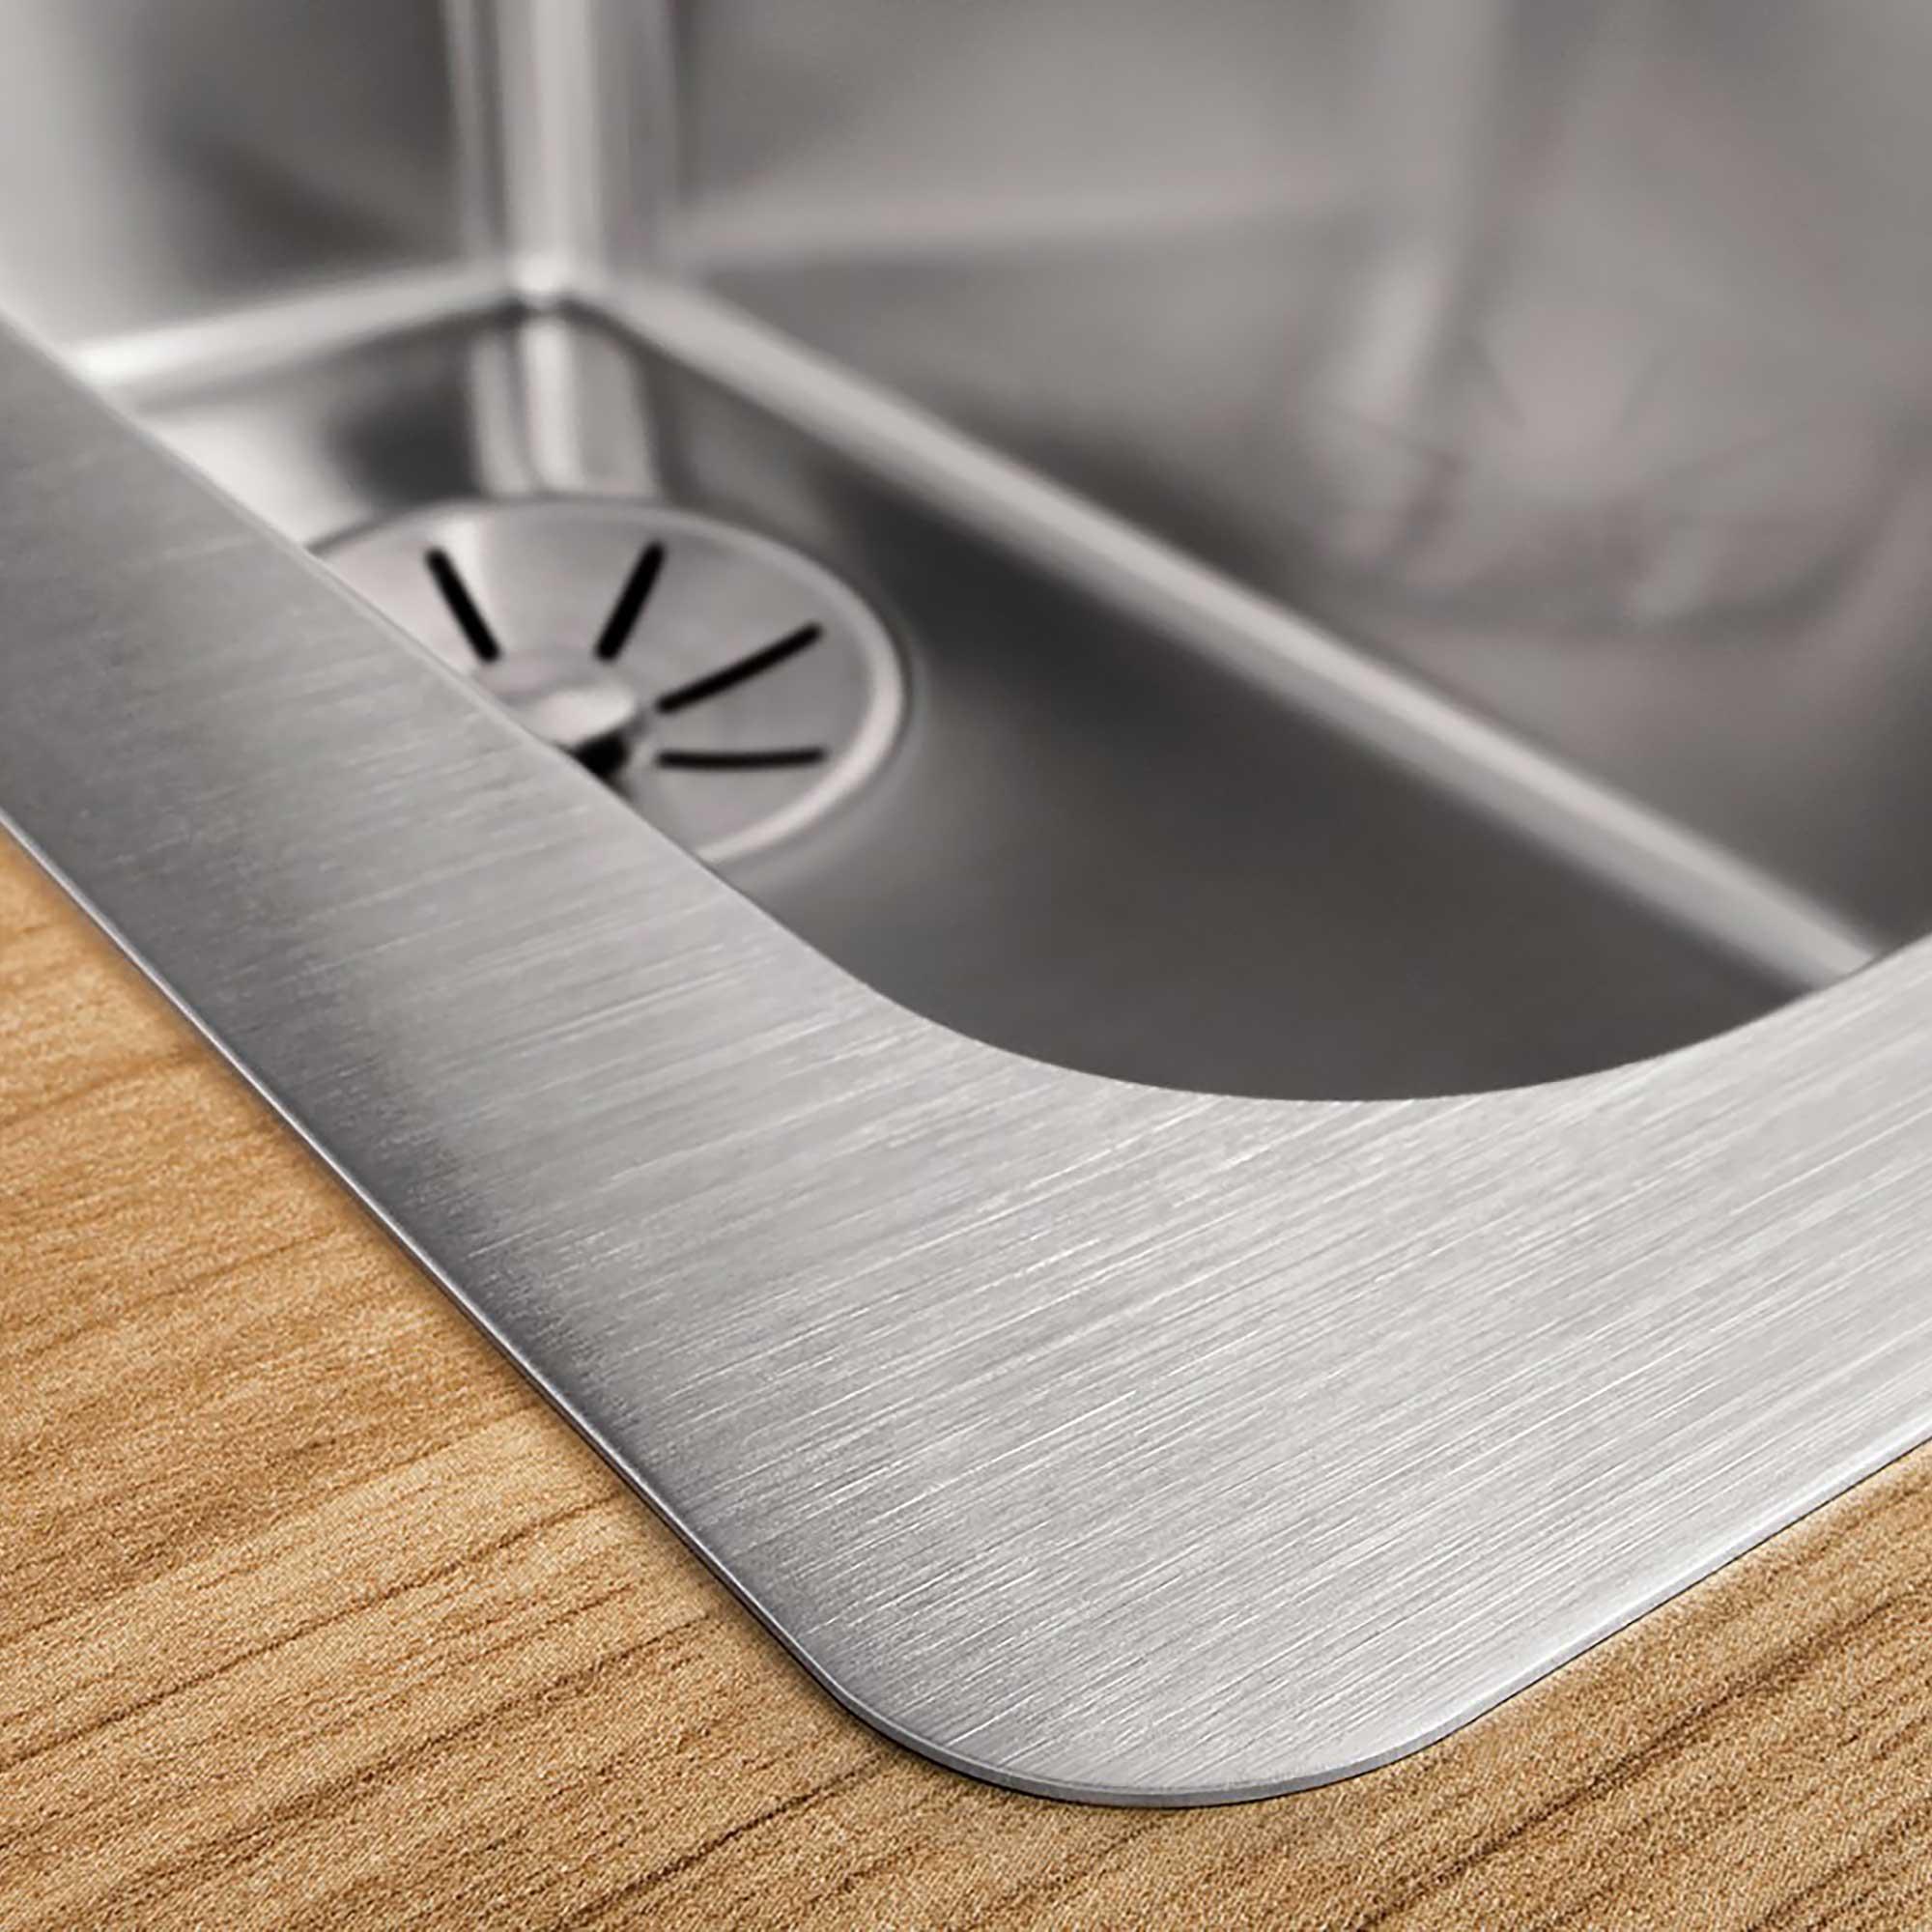 Blanco kitchen sink detail